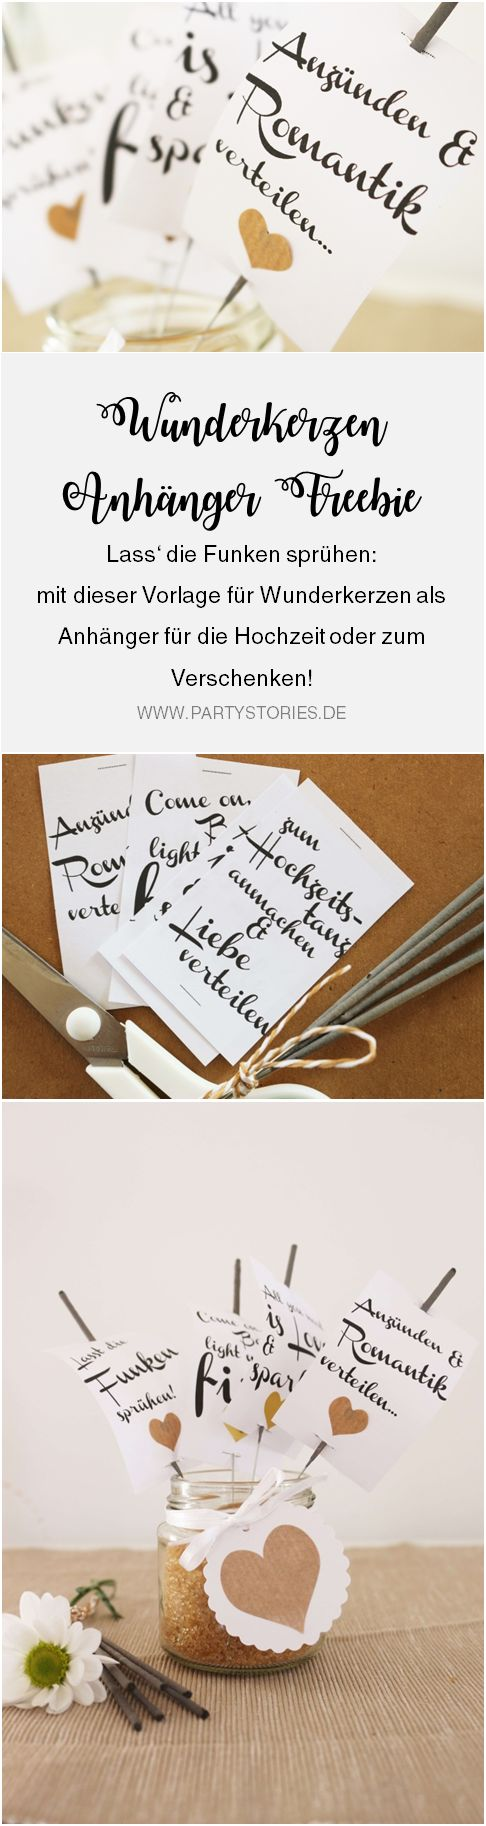 Wunderbar Hochzeitsprogramm Ideen Vorlagen Galerie ...